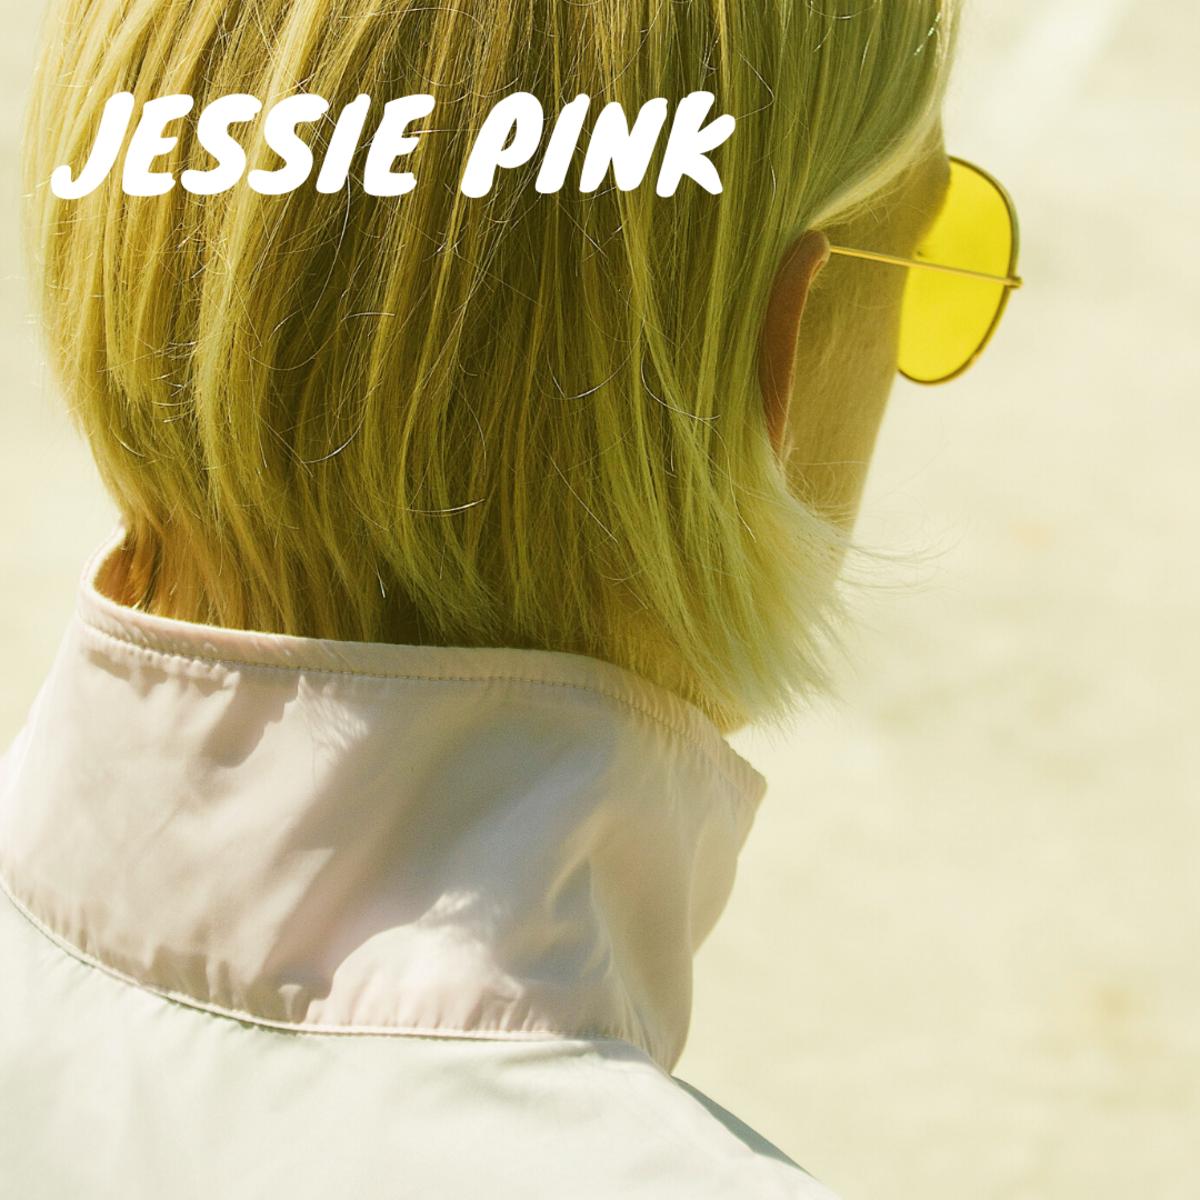 Jessie Pink